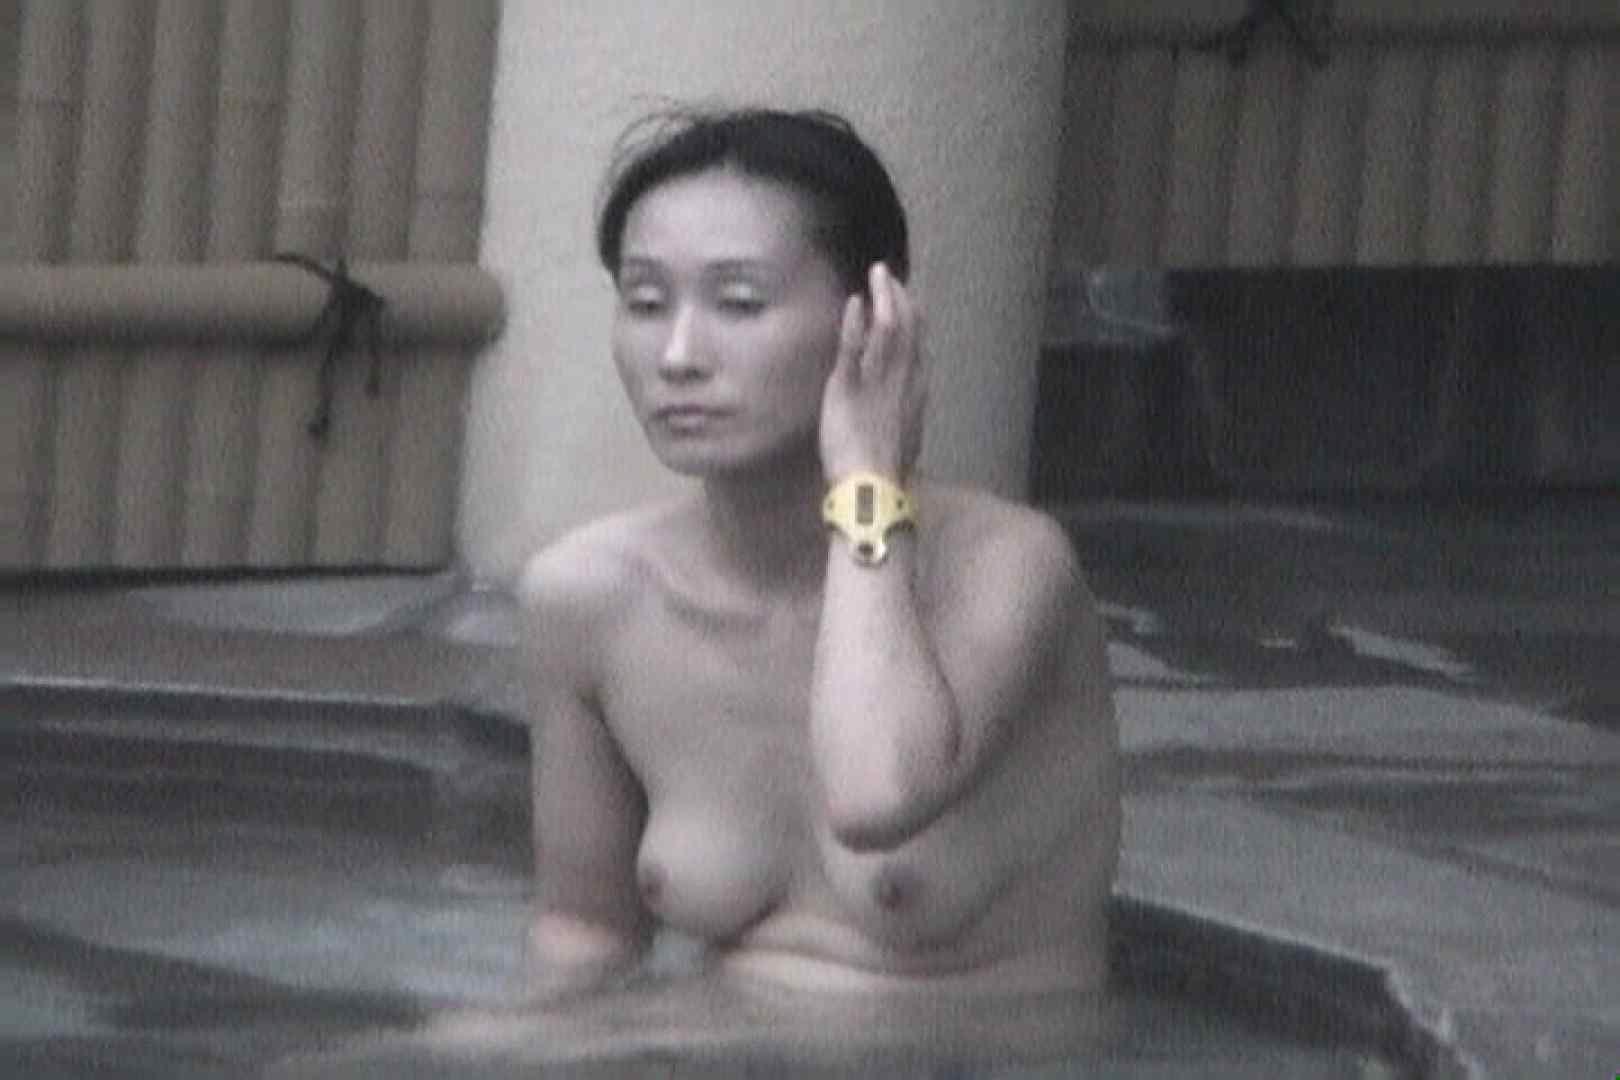 Aquaな露天風呂Vol.557 綺麗なOLたち | 盗撮  78枚 10